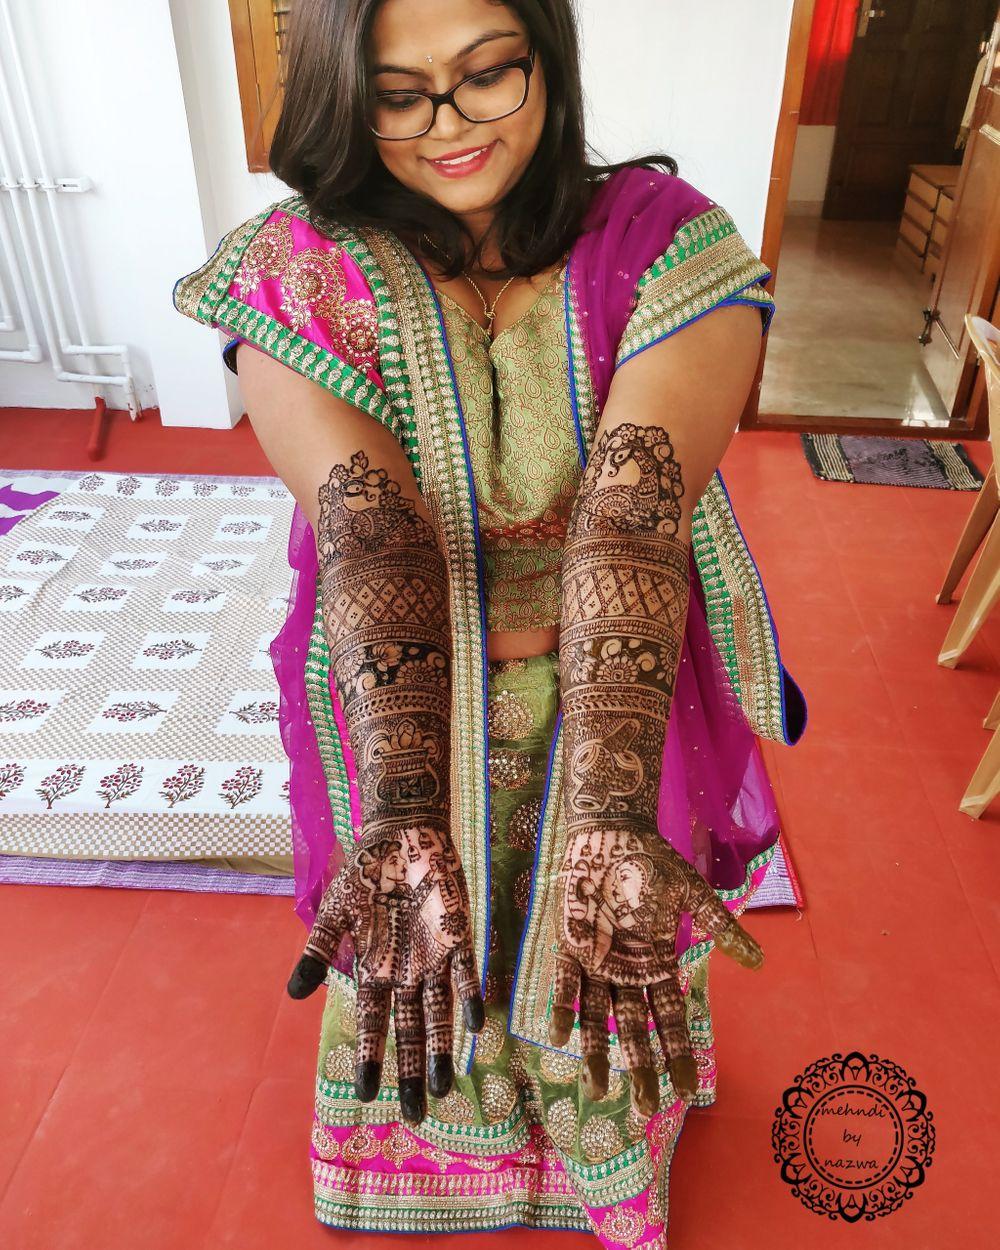 Photo From bridal mehndi - By Mehndi by Nazwa